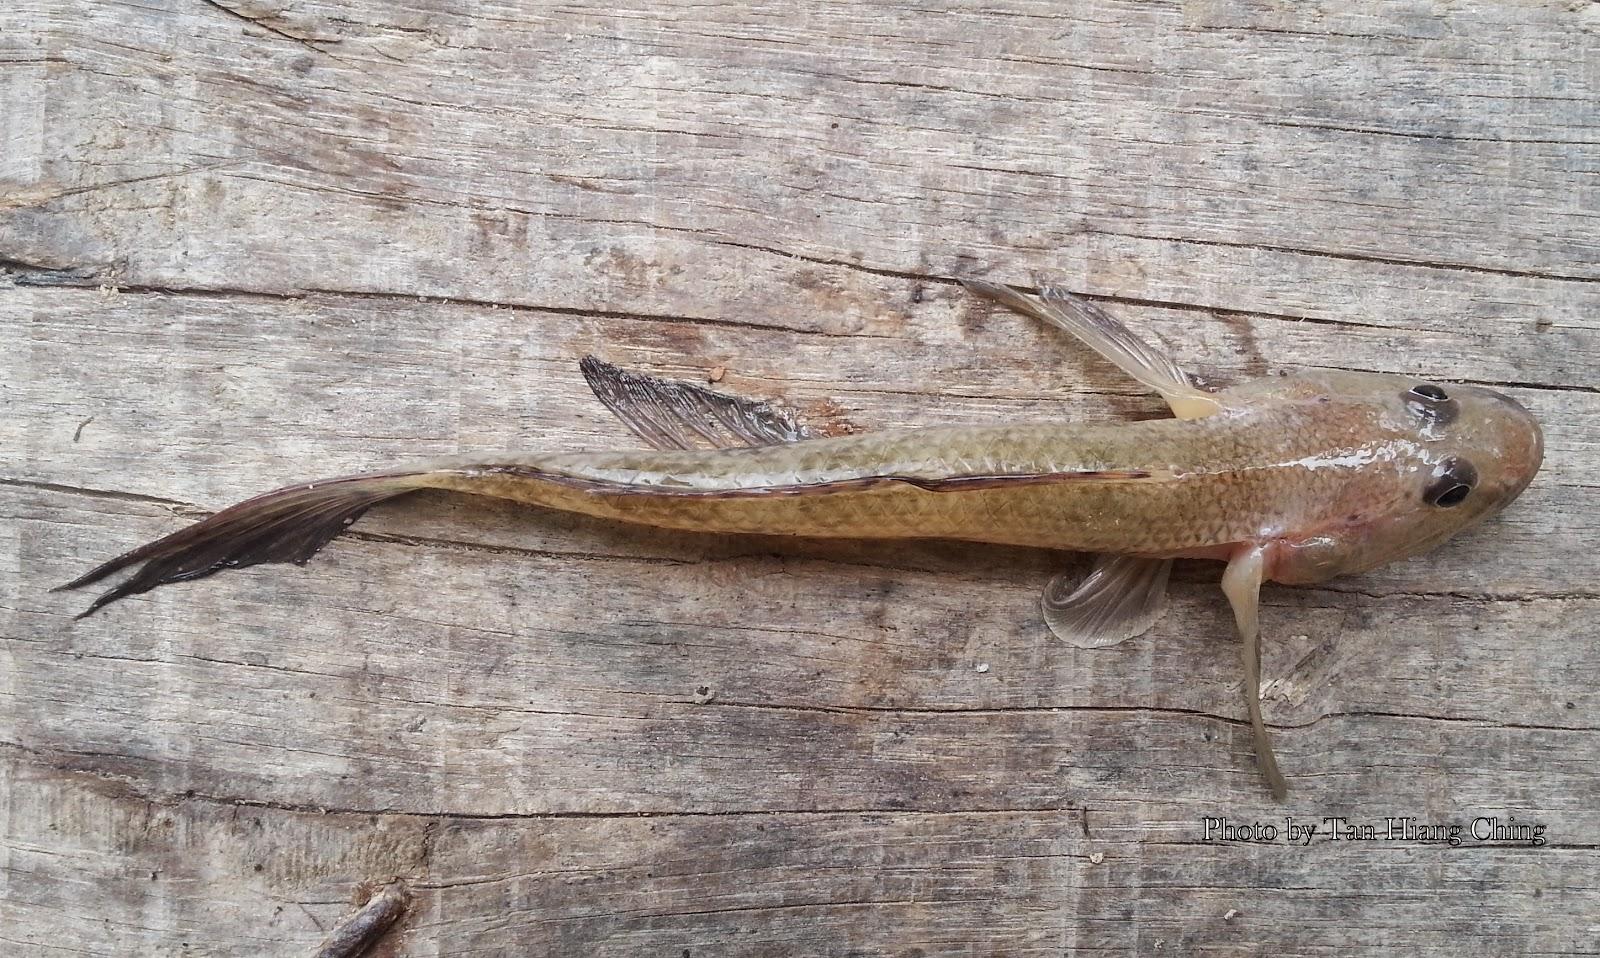 Freshwater aquarium fish gobiidae - English Name Tank Goby Mandarin Name Sh Xi H Y Xi H Y Local Malay Name Belukor Belungko Belodok Ubi